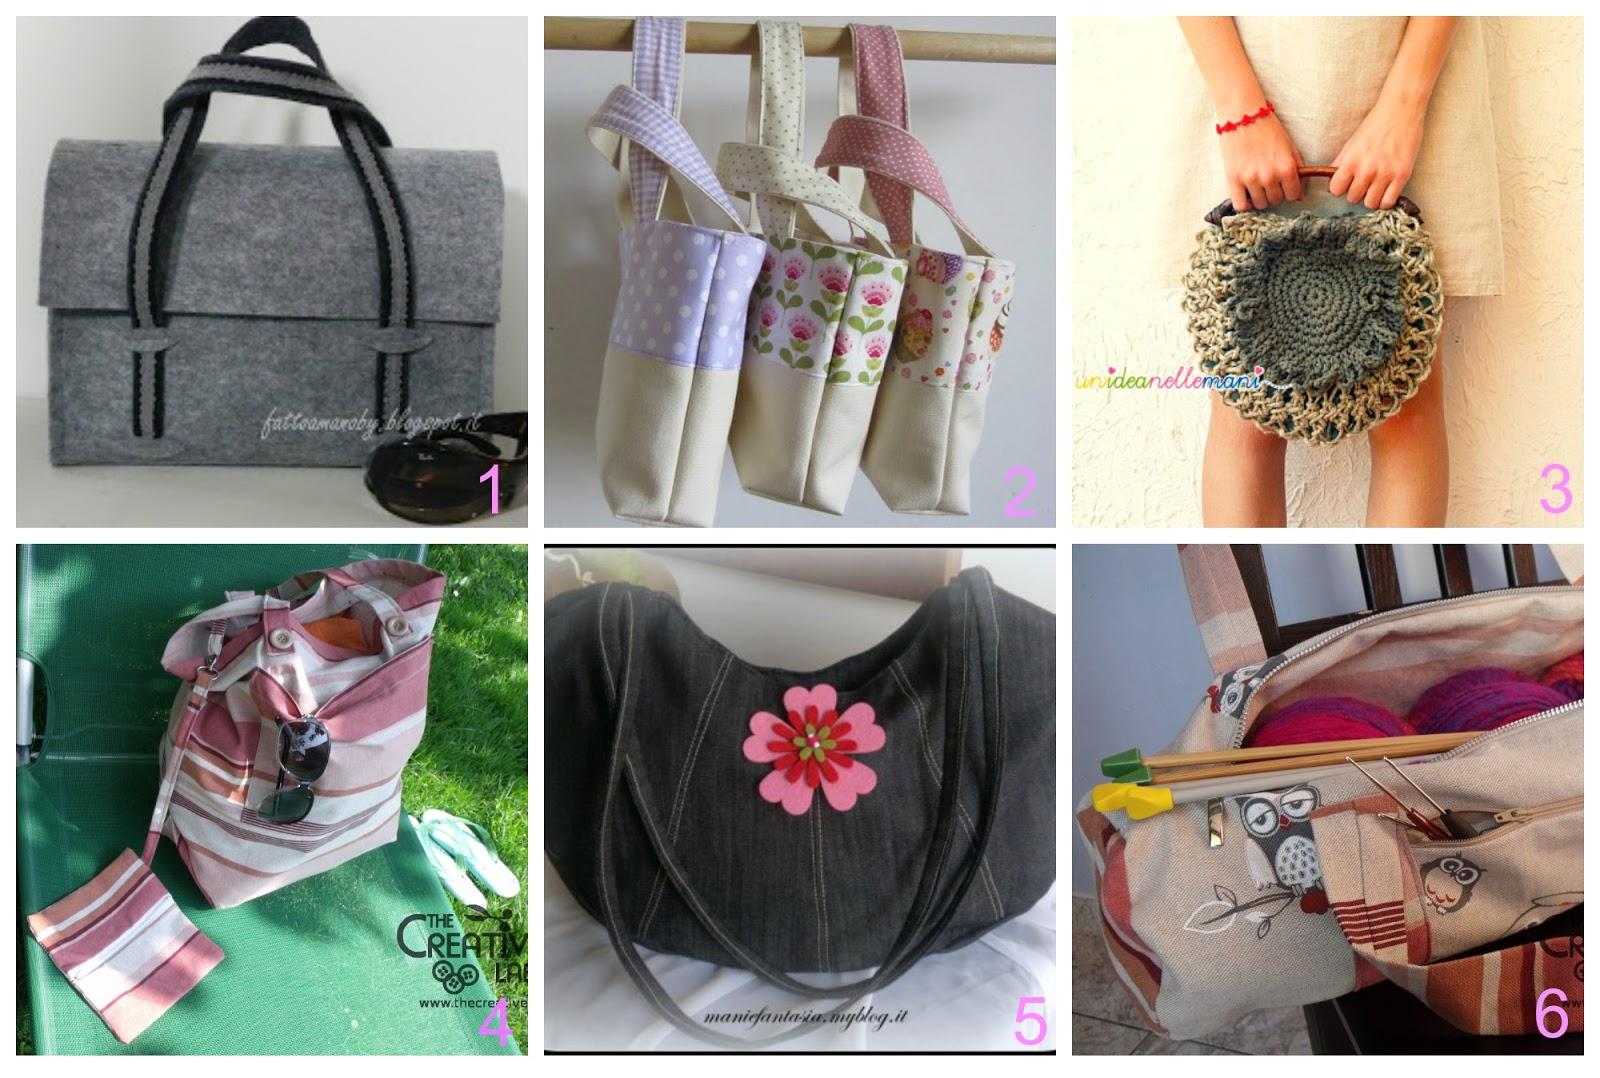 Molto 6 borse fai da te con cartamodelli in italiano | donneinpink magazine JR45